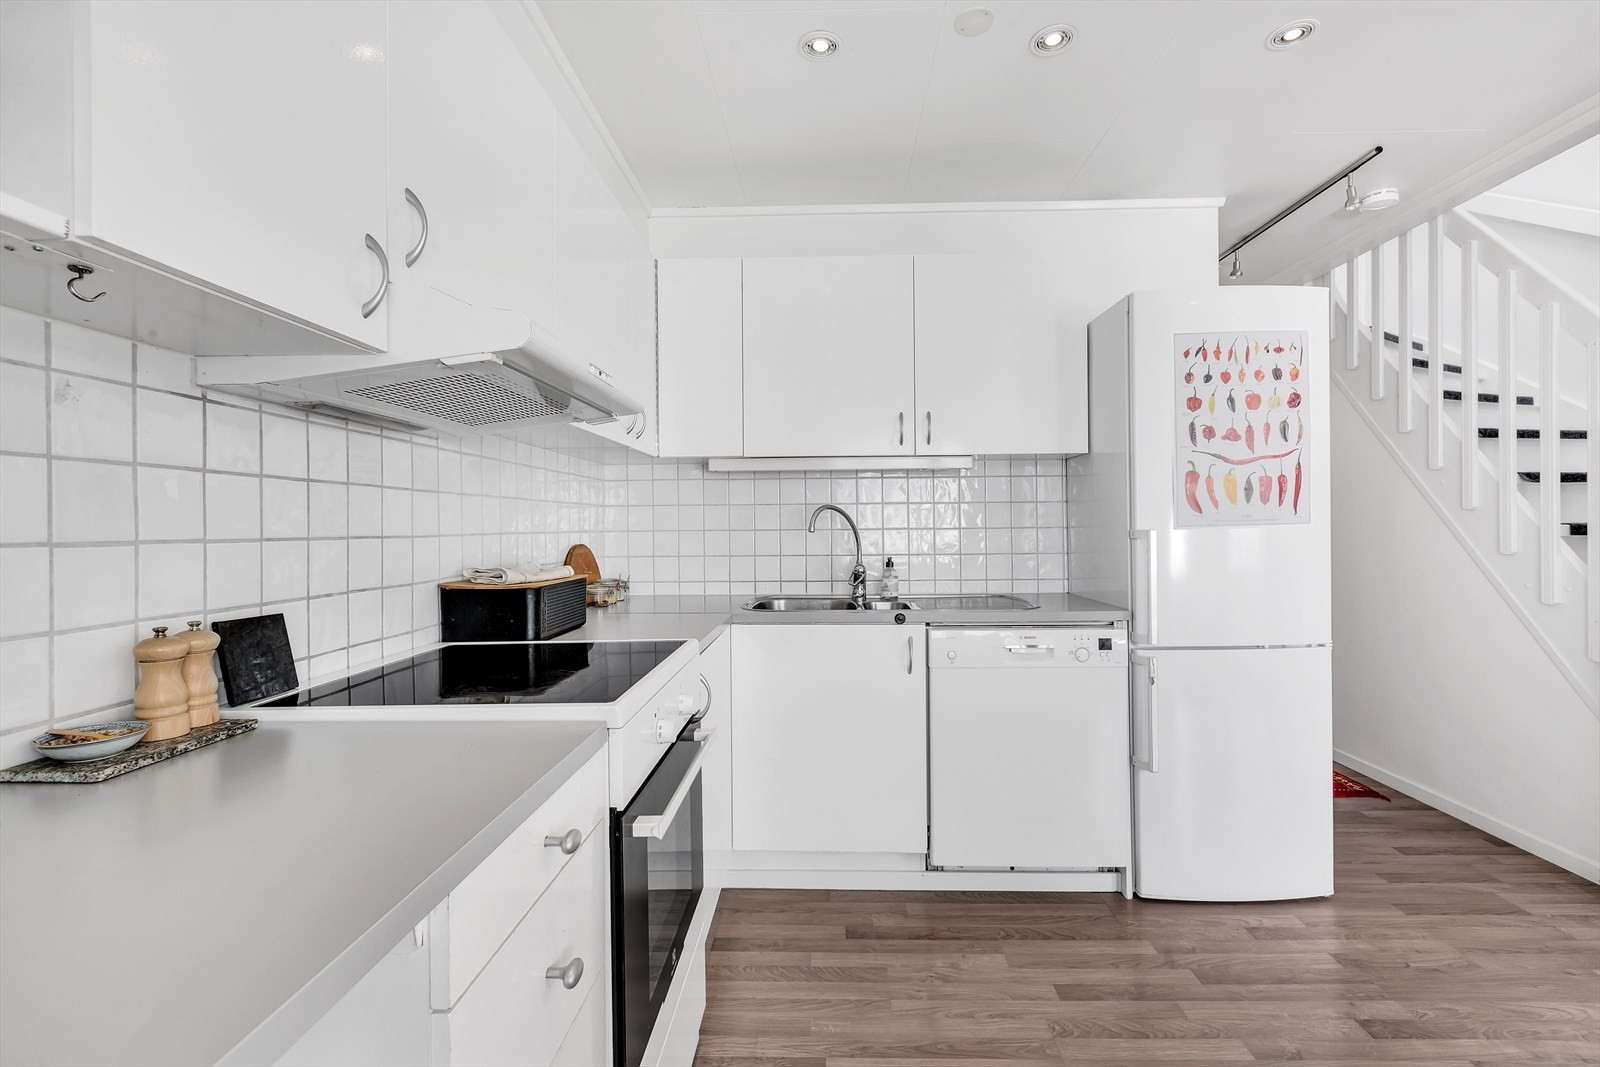 Fliser og kjøkkenbenk og innfelt belysning i tak